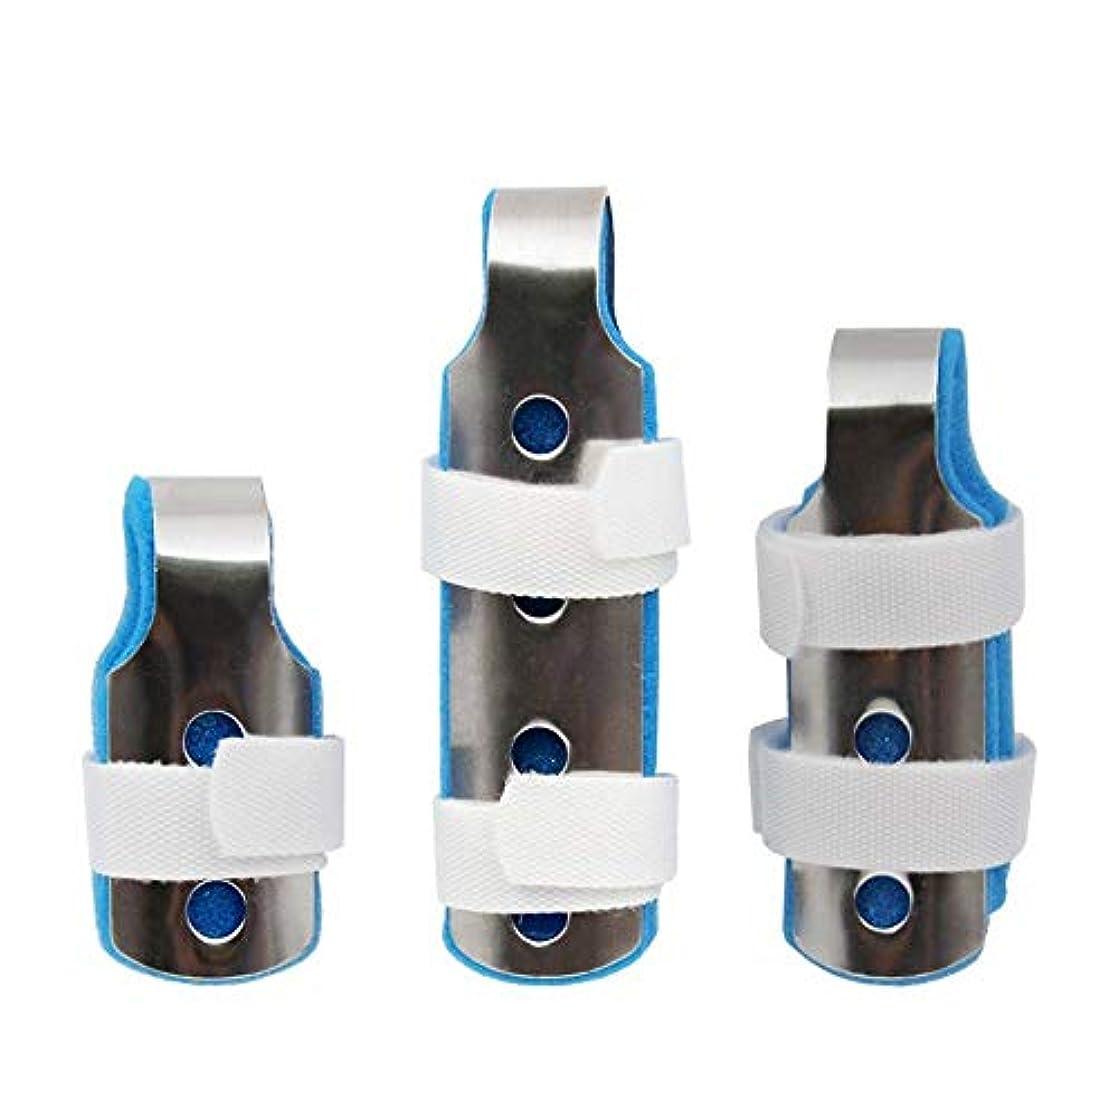 カロリー避難する暗殺者指の添え木、関節炎のためのサポートフィンガープロテクションストレートスリーピース